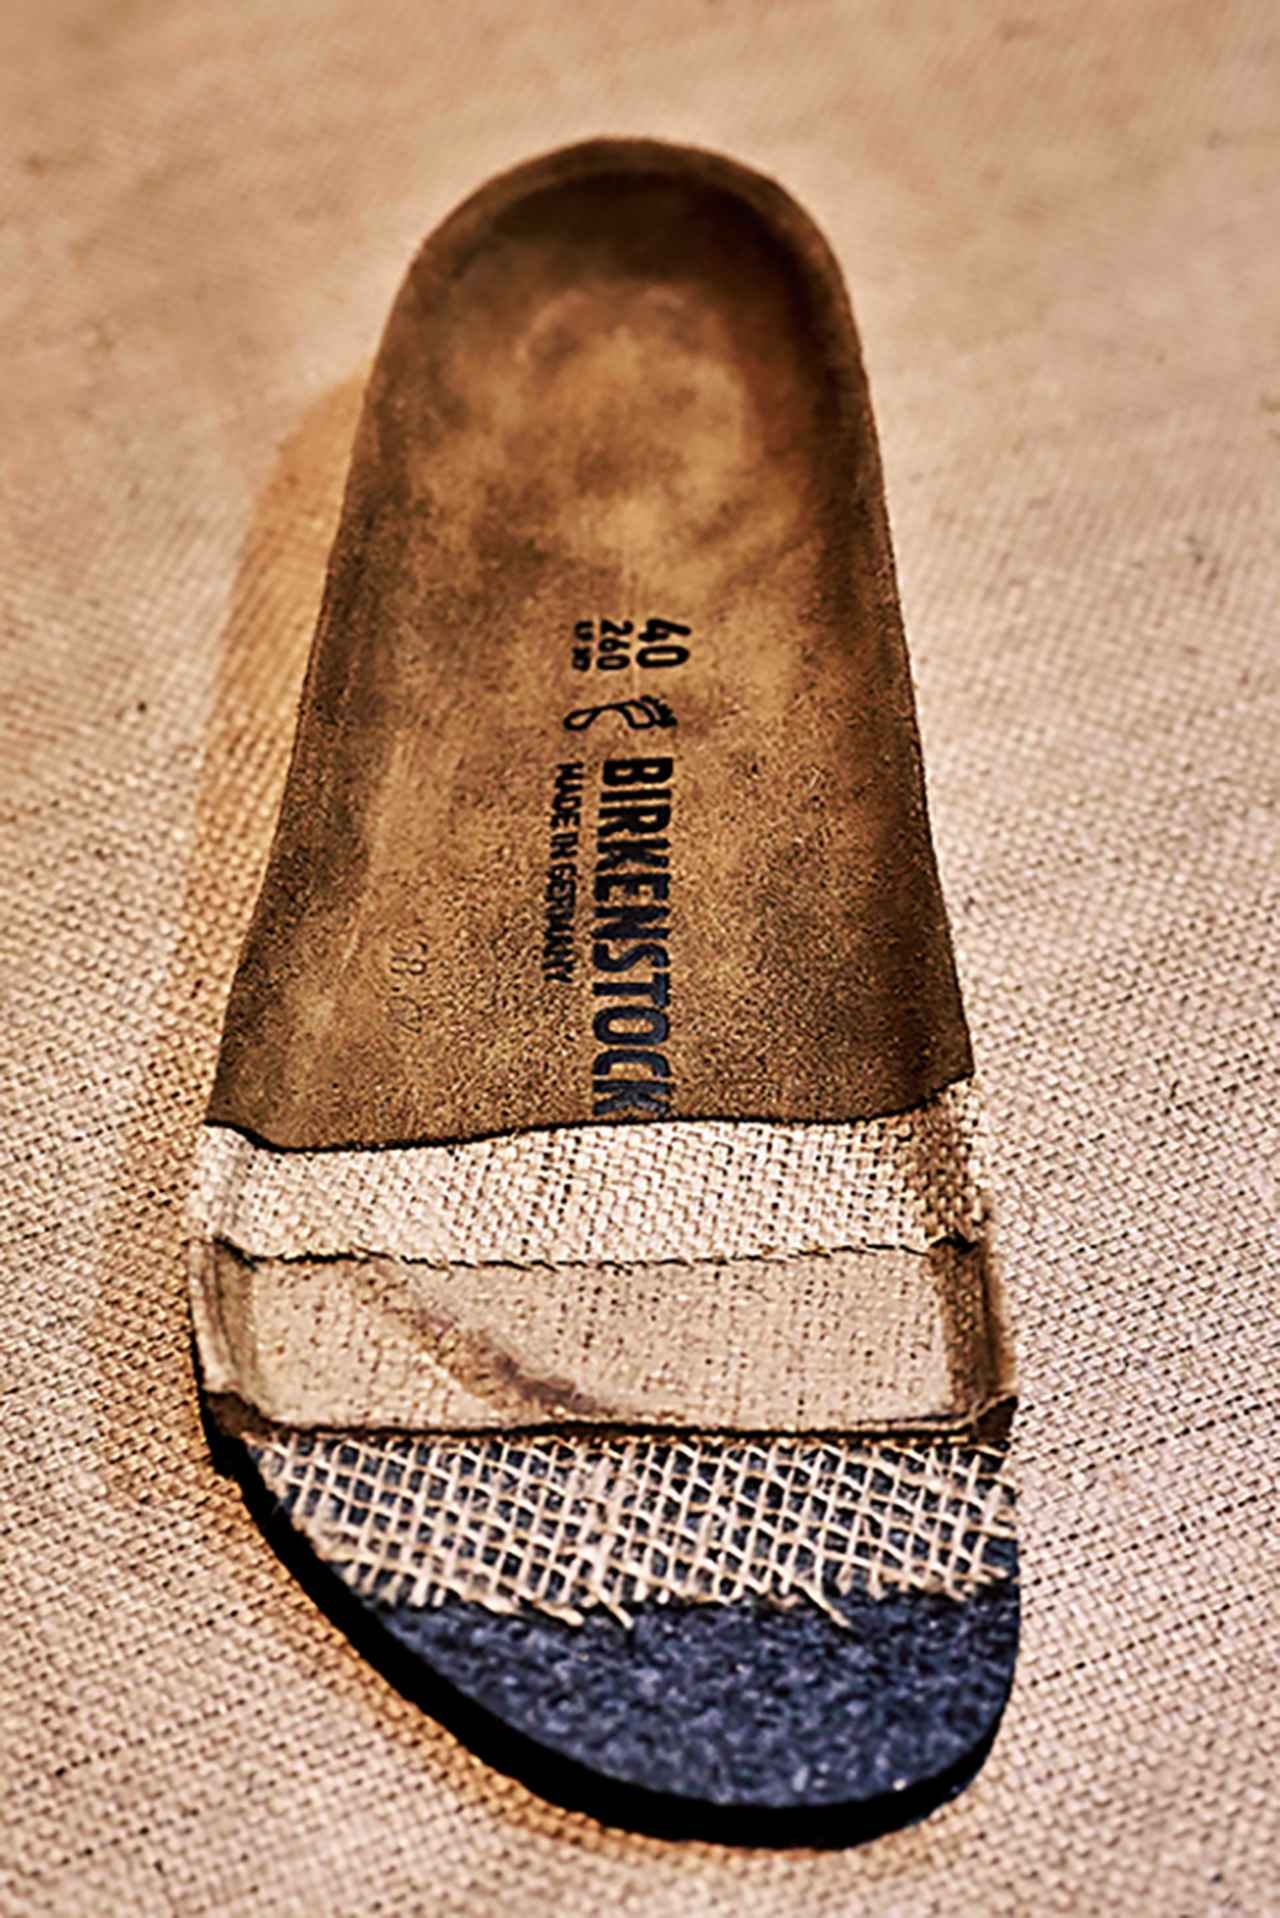 Images : 5番目の画像 - 「ビルケンシュトックが ファッションになるまで」のアルバム - T JAPAN:The New York Times Style Magazine 公式サイト